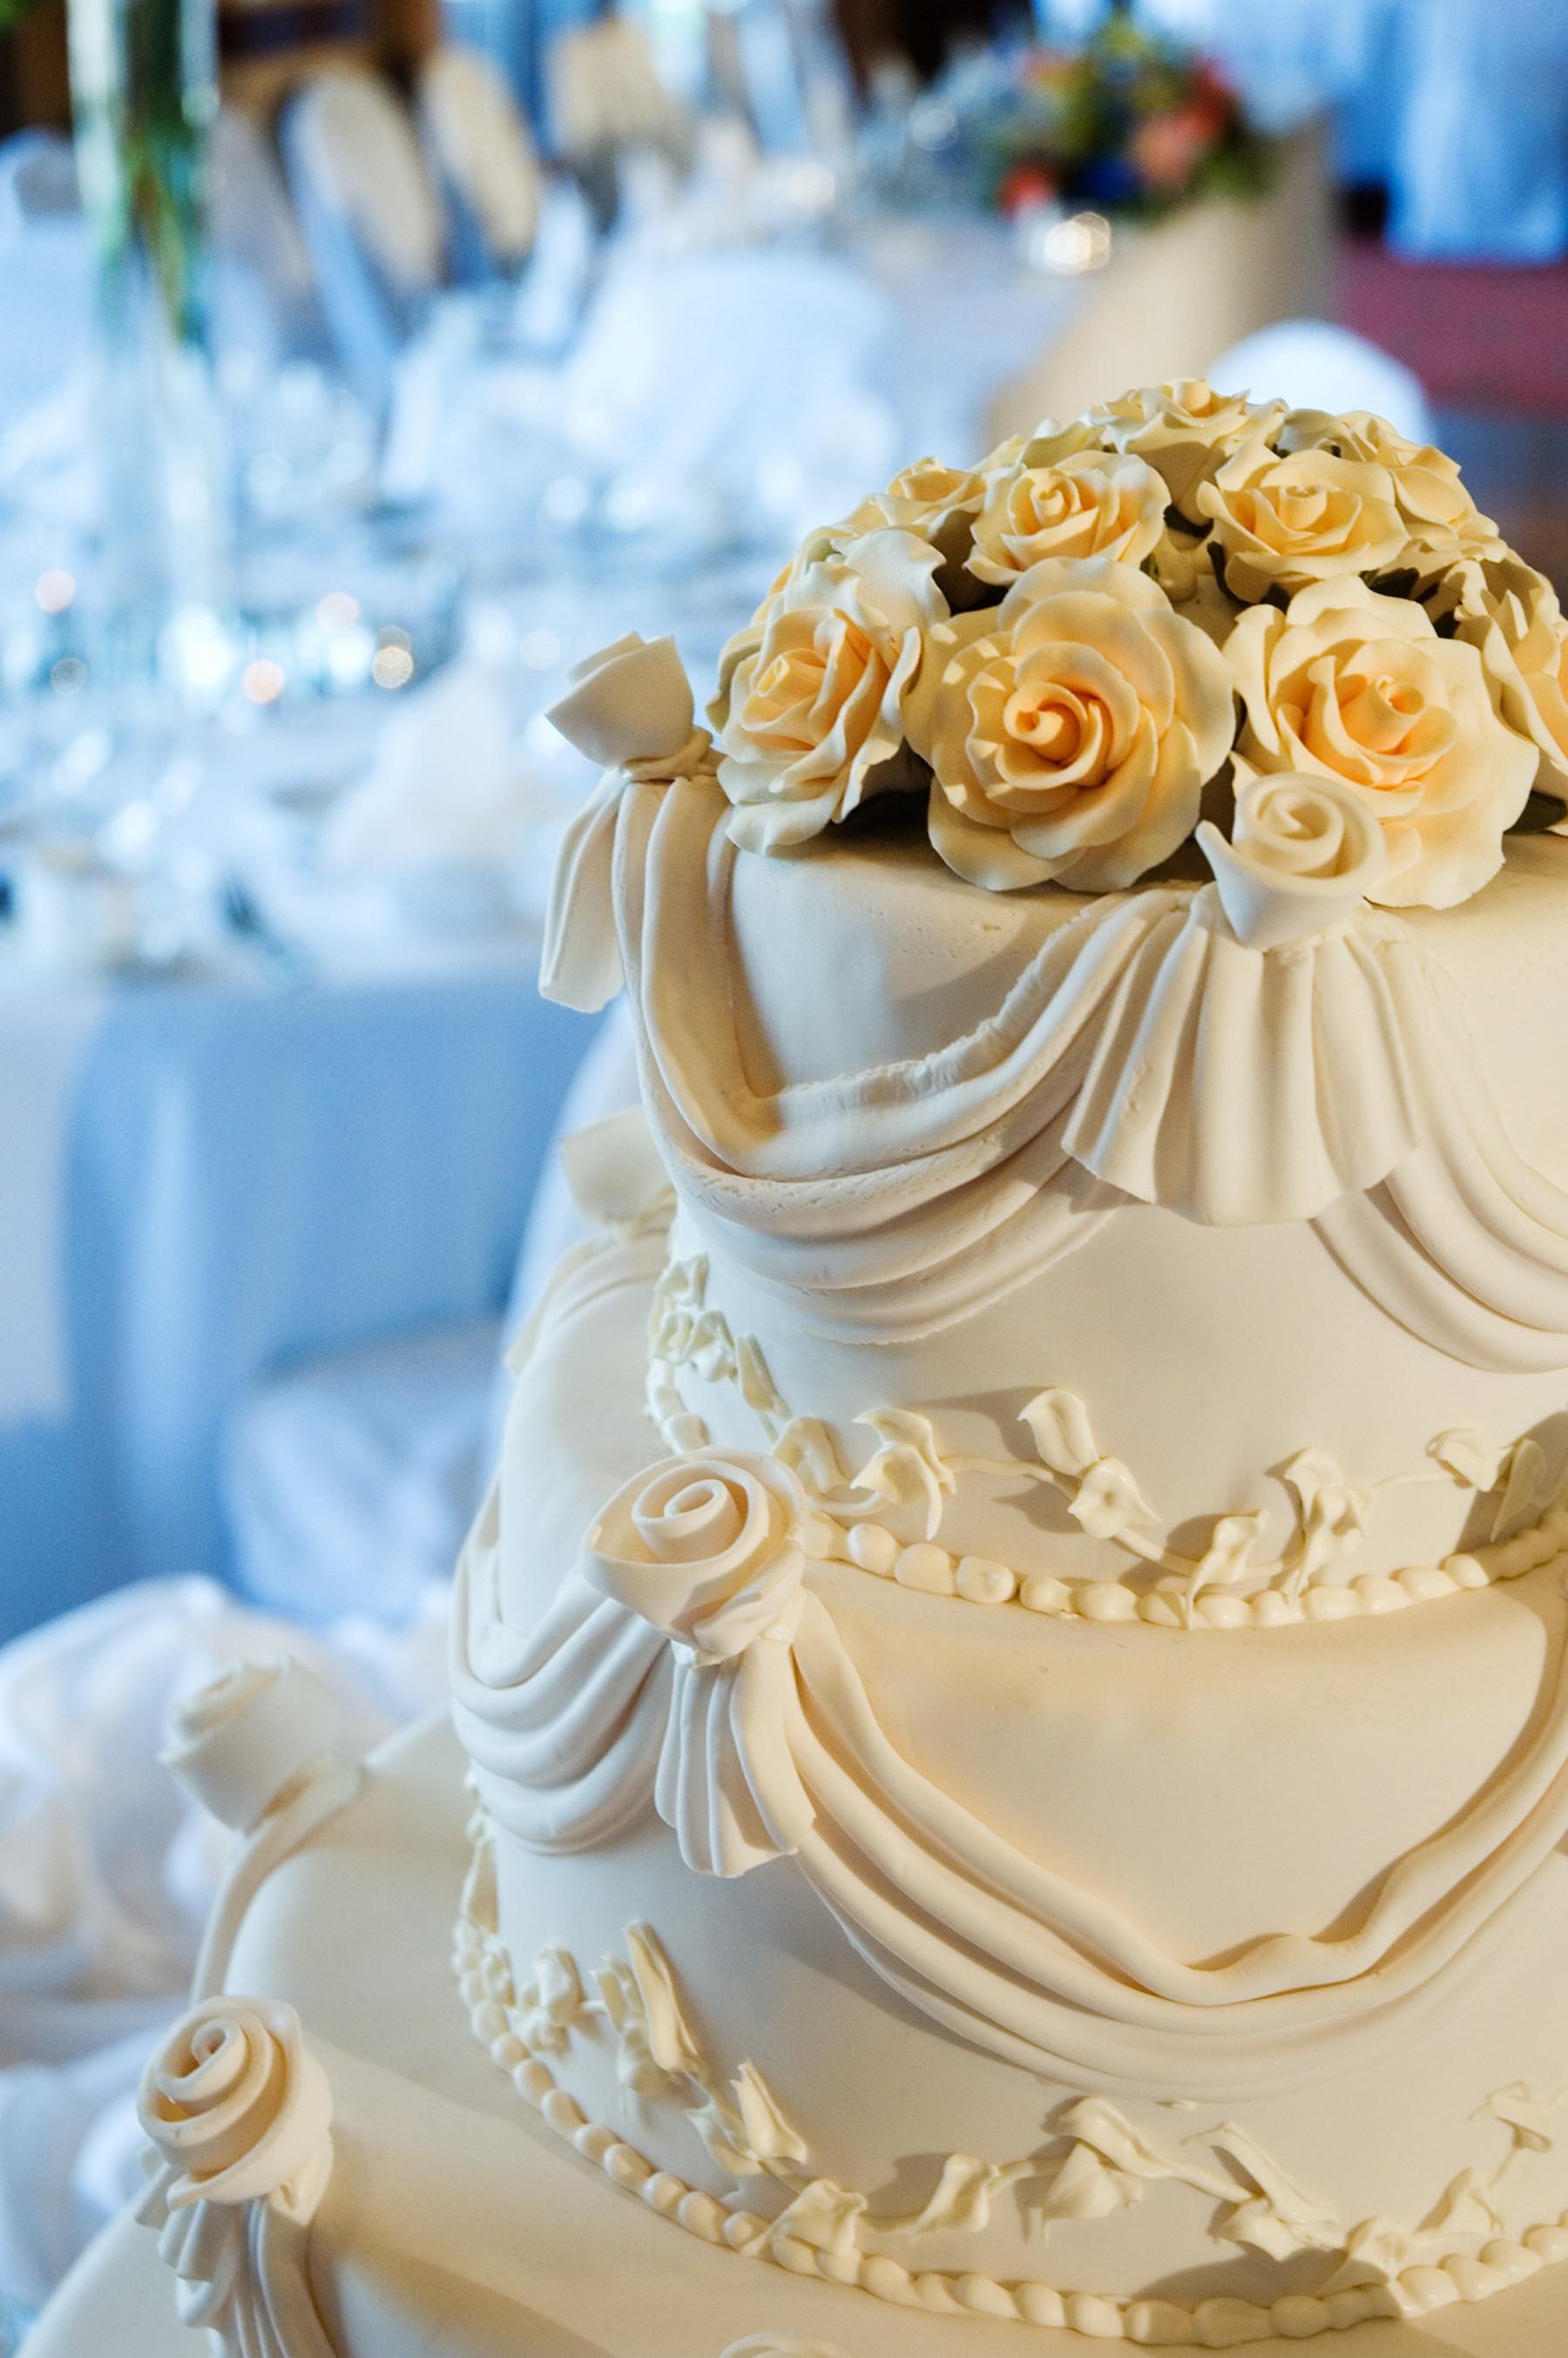 Wedding Cakes Decoration  Wedding Cake Decorating Ideas Easy Wedding Cake